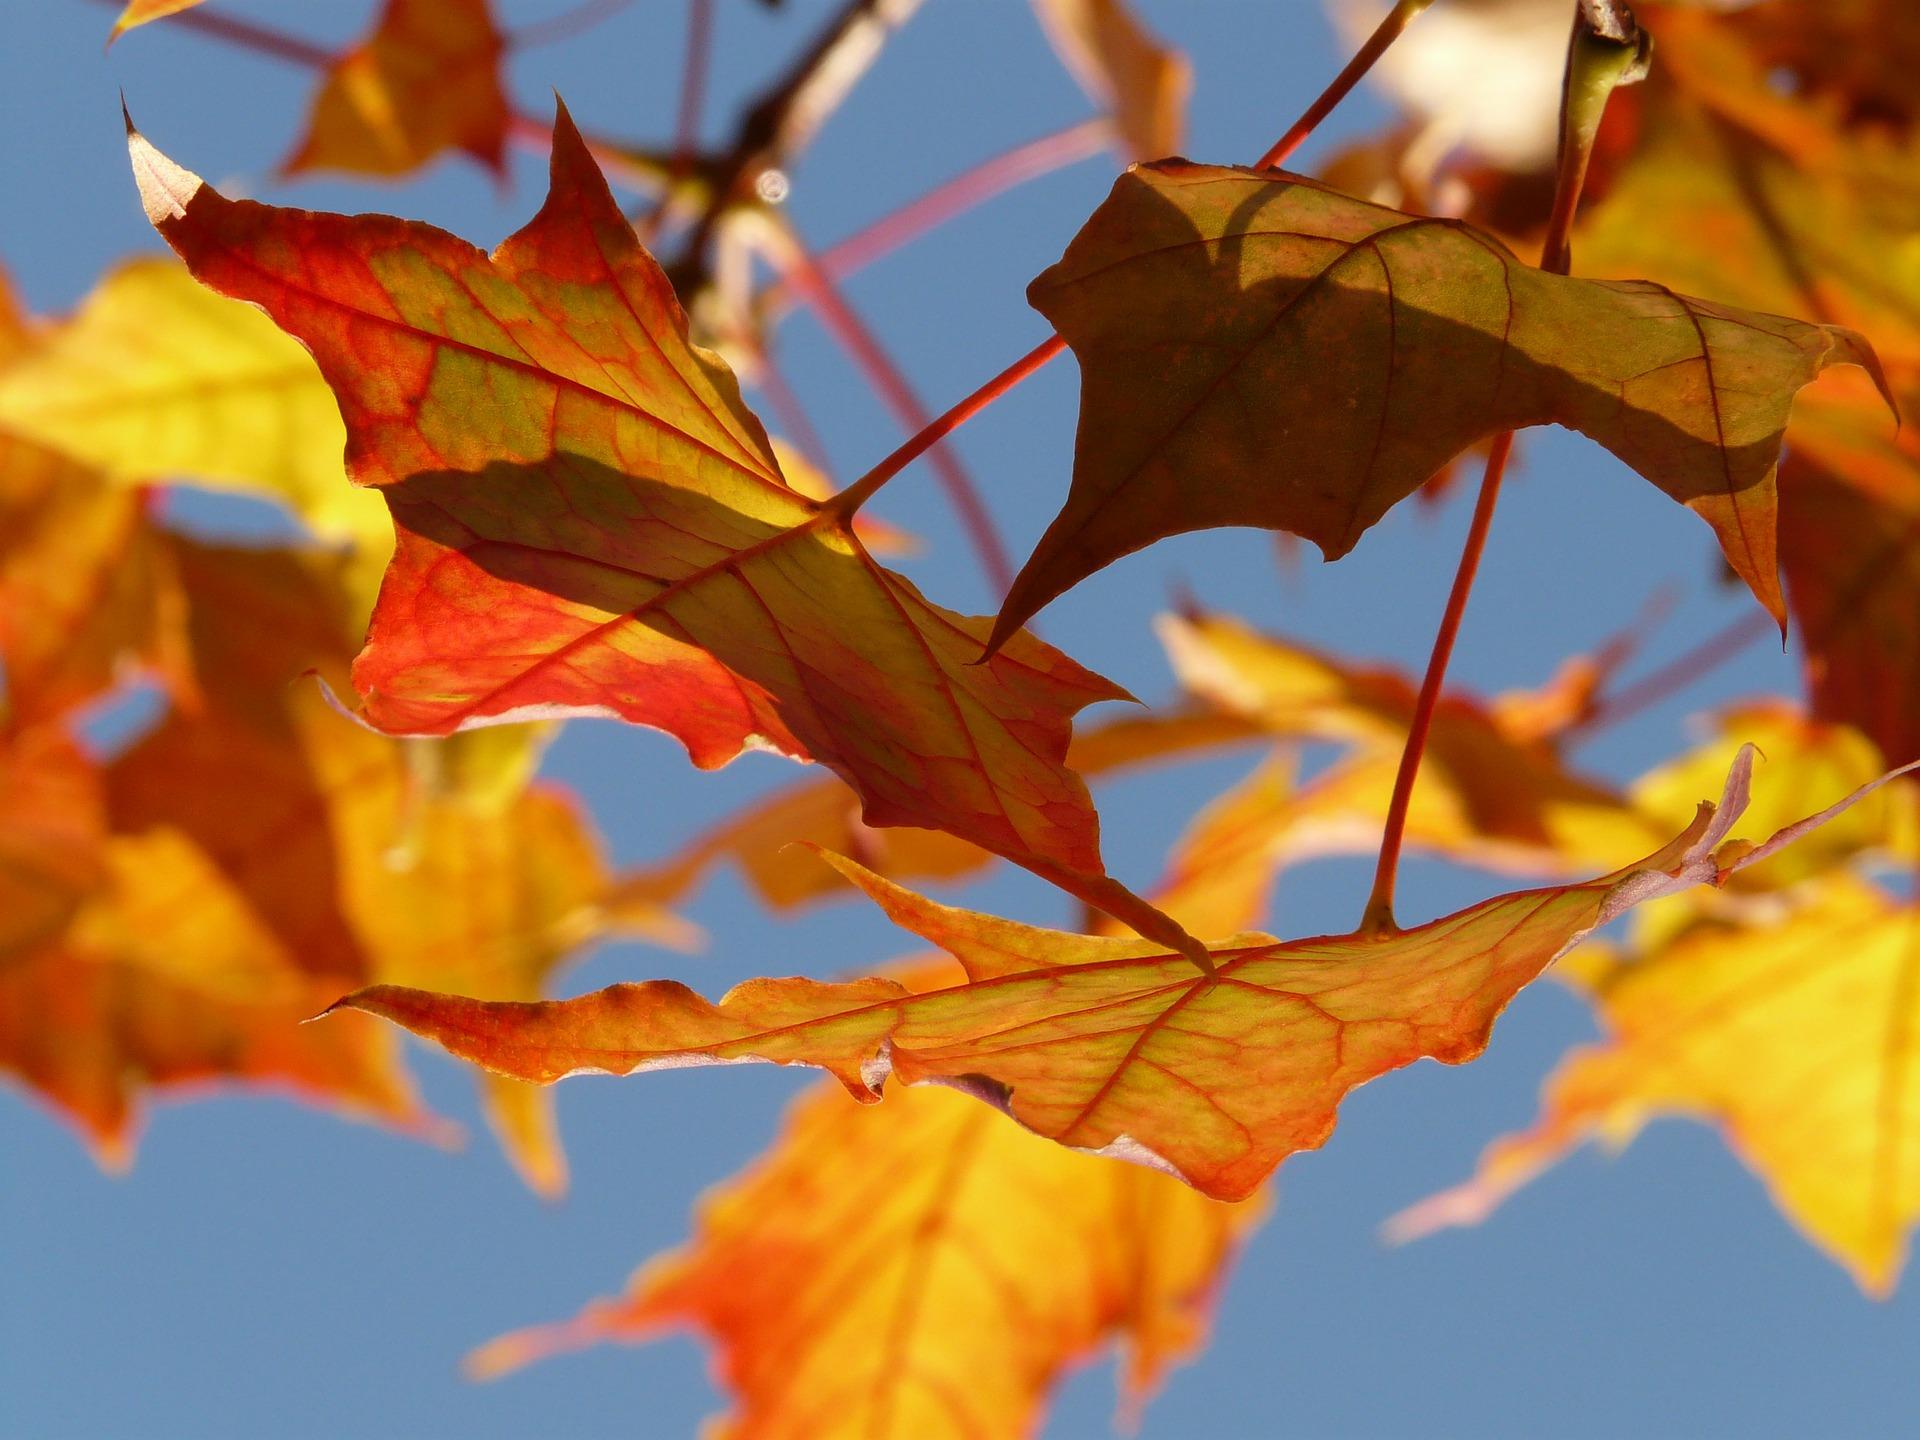 autumn-10484_1920.jpg